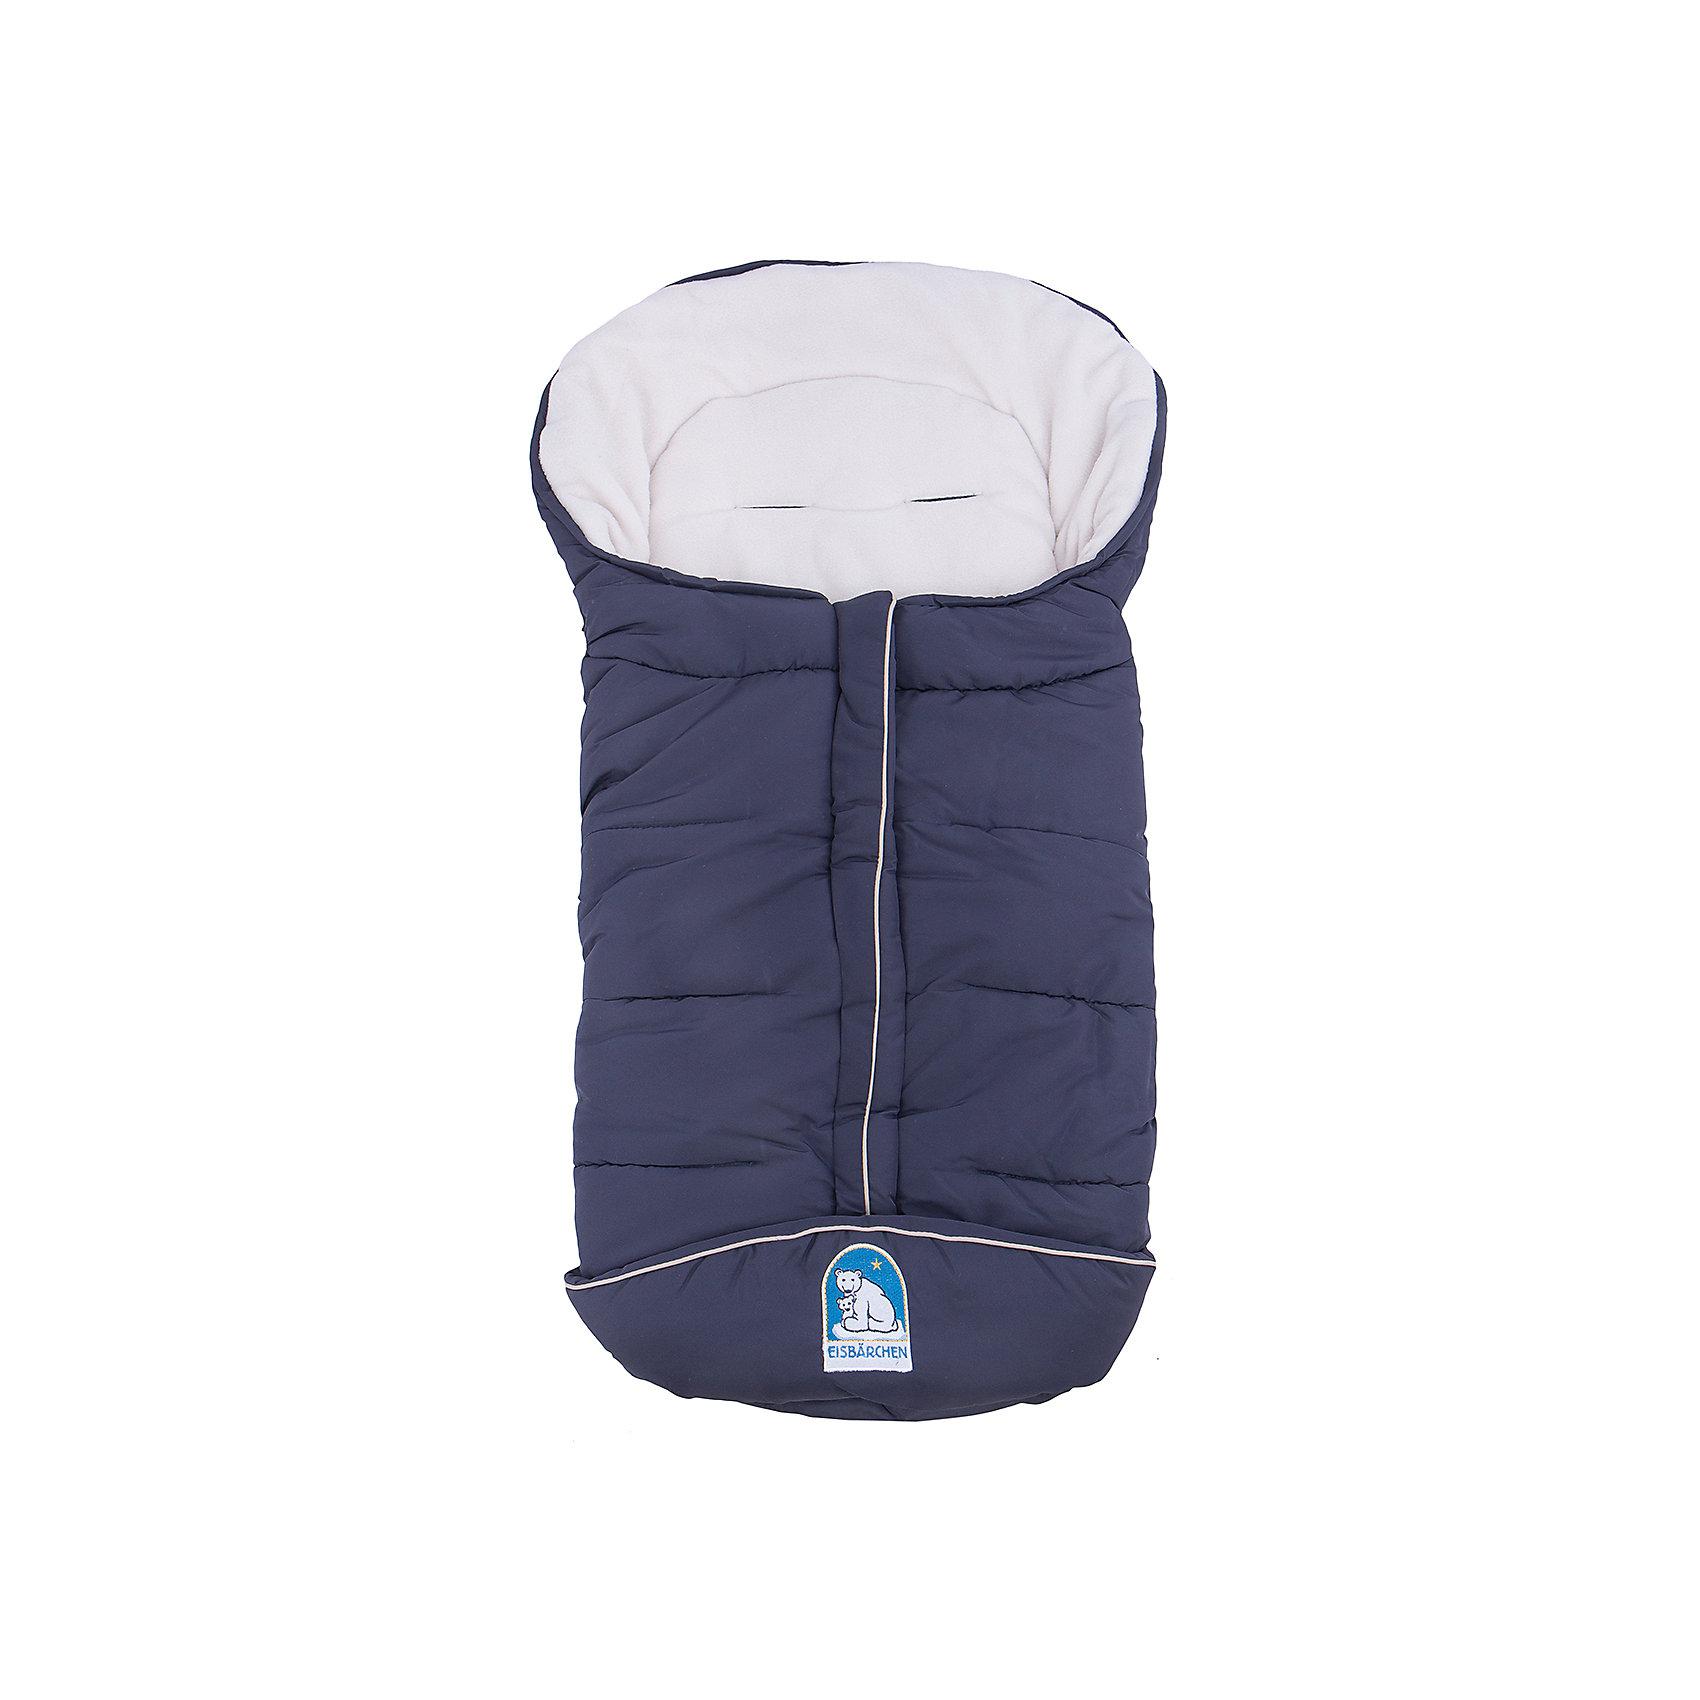 Конверт 7965 МА, Heitmann Felle, синий/песочныйЗимние конверты<br>Конверт Heitmann Felle изготовлен из флиса и отлично подойдет для прогулок. Теплый конверт надежно защитит малыша от холода и ветра. Конверт застегивает на молнию по центру и удобно раскладывается в одеяльце. Оснащен прорезями для пятиточечных ремней безопасности и полосой-отражателем. С этим конвертом ваша кроха будет гулять с комфортом и в безопасности!<br><br>Дополнительная информация:<br>-магнитная кнопка<br>-можно использовать как одеяльце<br>-прорези для 5-точечных ремней безопасности<br>-простегано<br>-можно стирать при температуре 30 градусов<br><br>Материал: 100% полиэстер. Подкладка: 80% полиэстер, 20% вискоза<br>Размер: 80х40 см<br>Вес: 600 грамм<br>Цвет: синий<br>Конверт Heitmann Felle можно купить в нашем интернет-магазине.<br><br>Ширина мм: 900<br>Глубина мм: 450<br>Высота мм: 50<br>Вес г: 2000<br>Возраст от месяцев: 0<br>Возраст до месяцев: 12<br>Пол: Унисекс<br>Возраст: Детский<br>SKU: 4977803